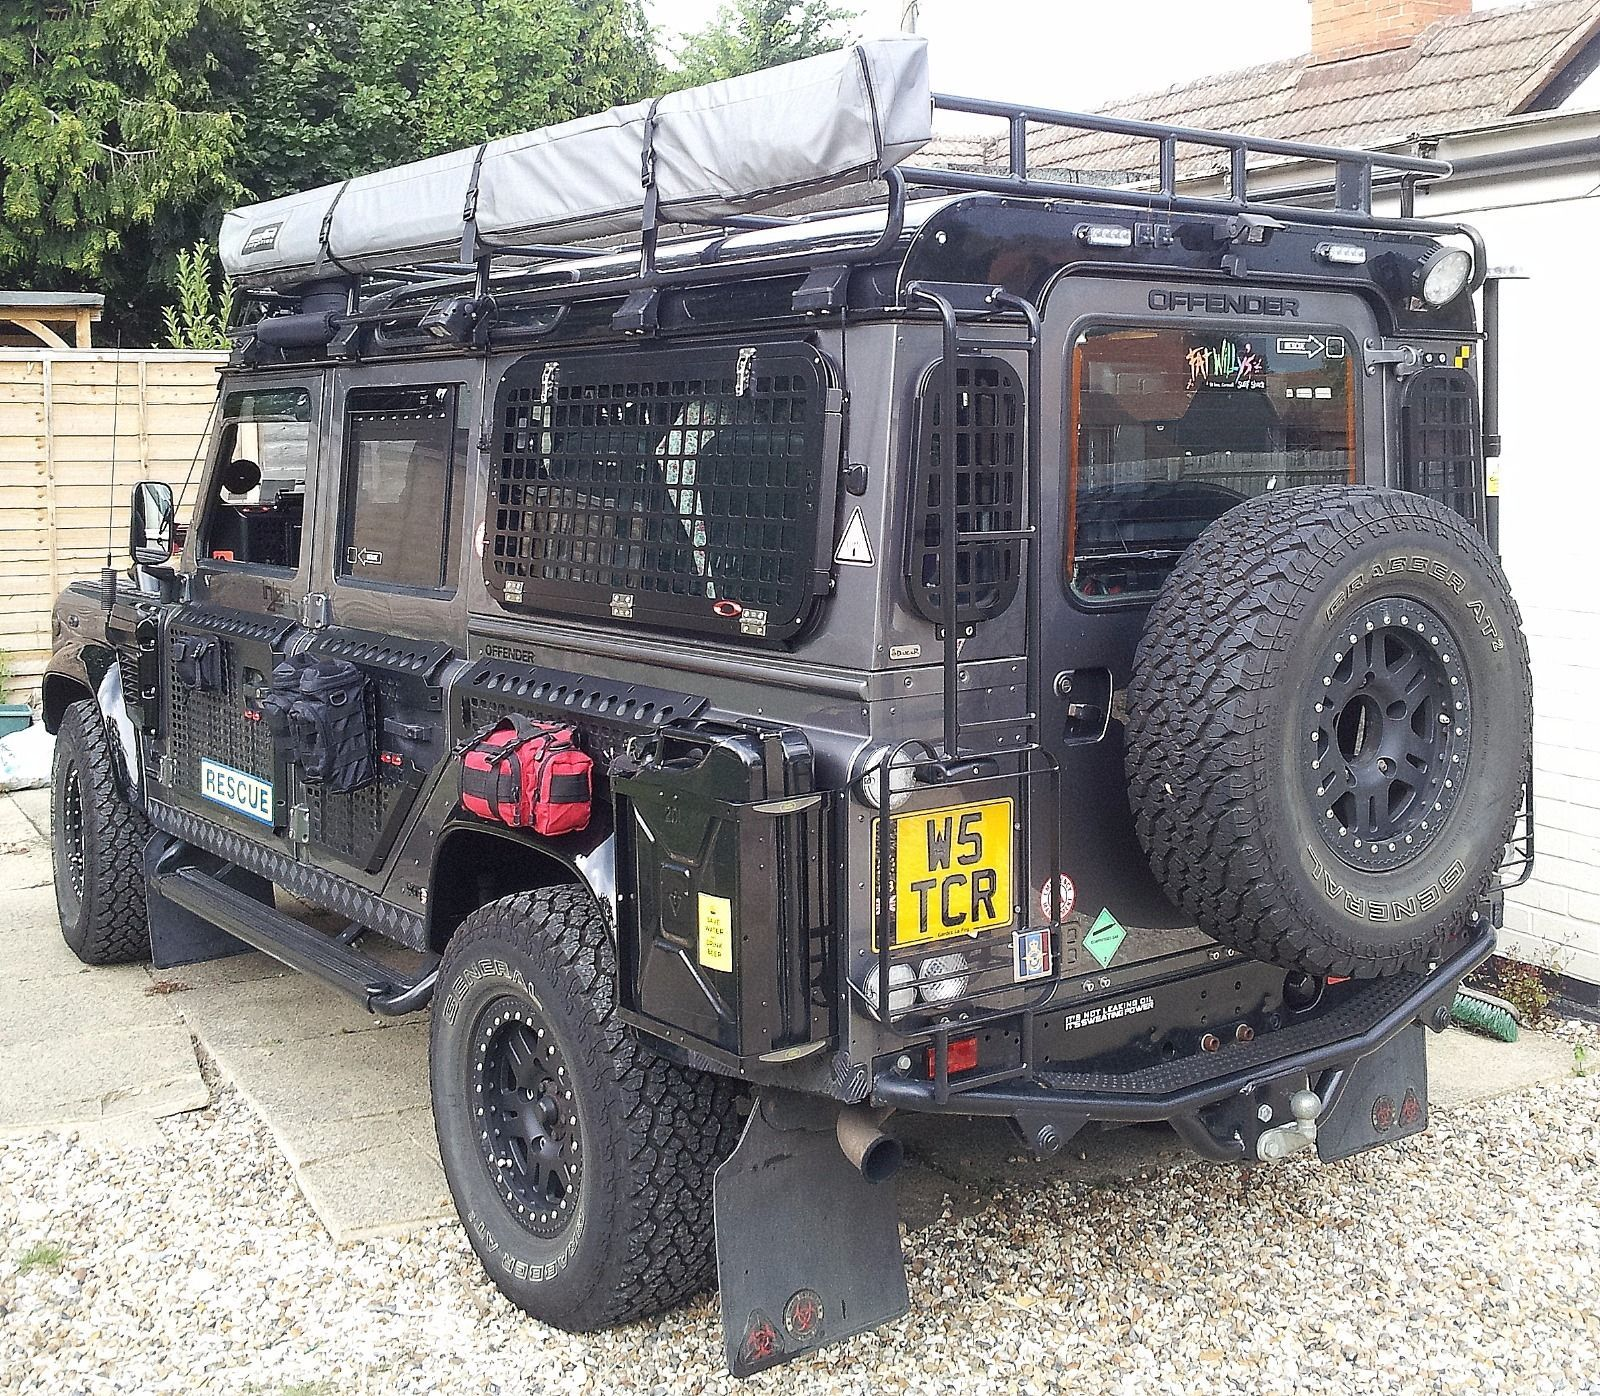 Details about Land Rover Defender 110 TD5 Custom Built